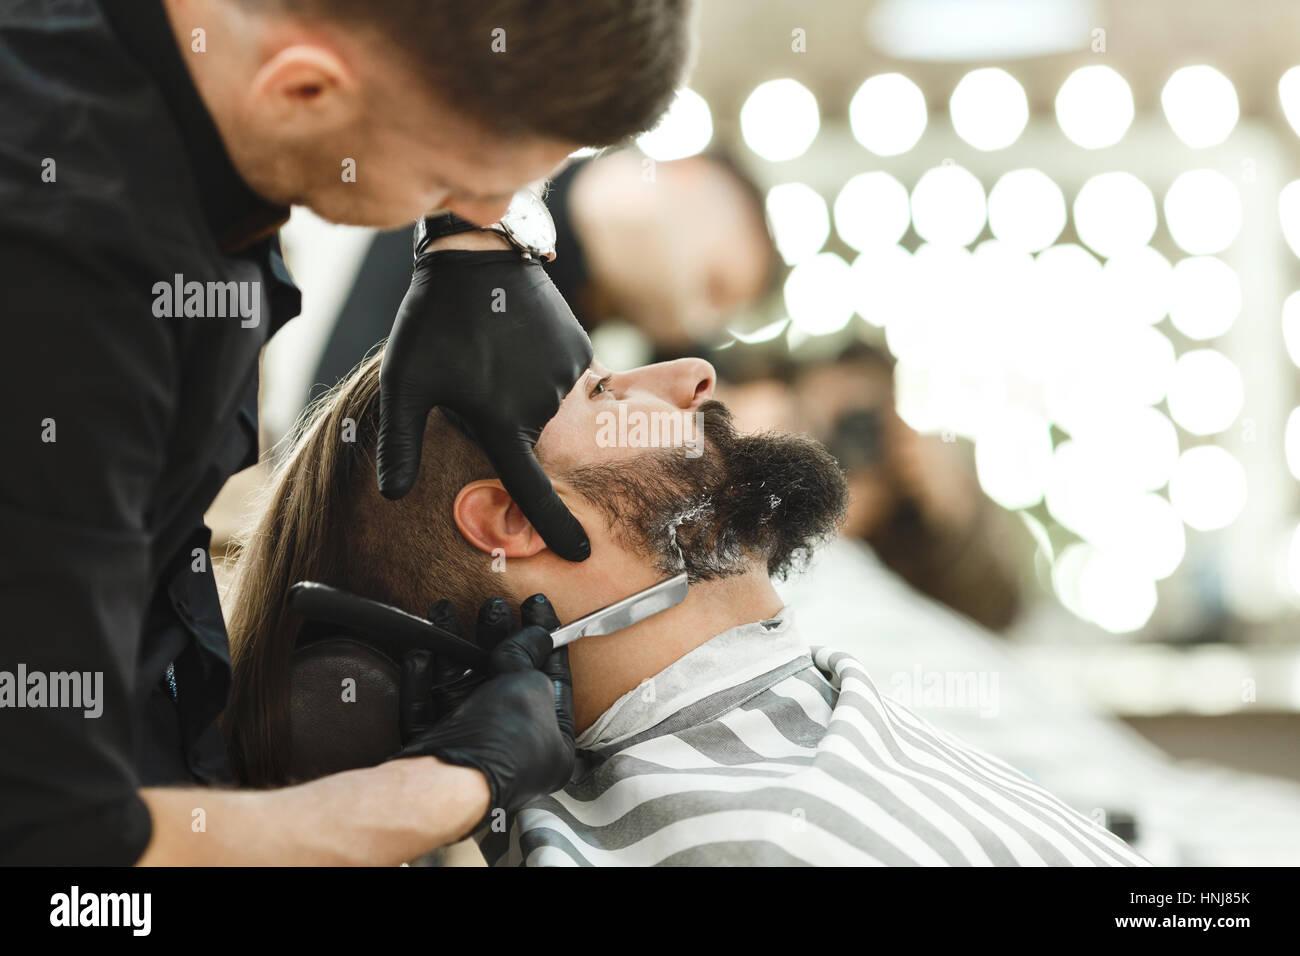 Barber haciendo barba formulario para hombre Imagen De Stock